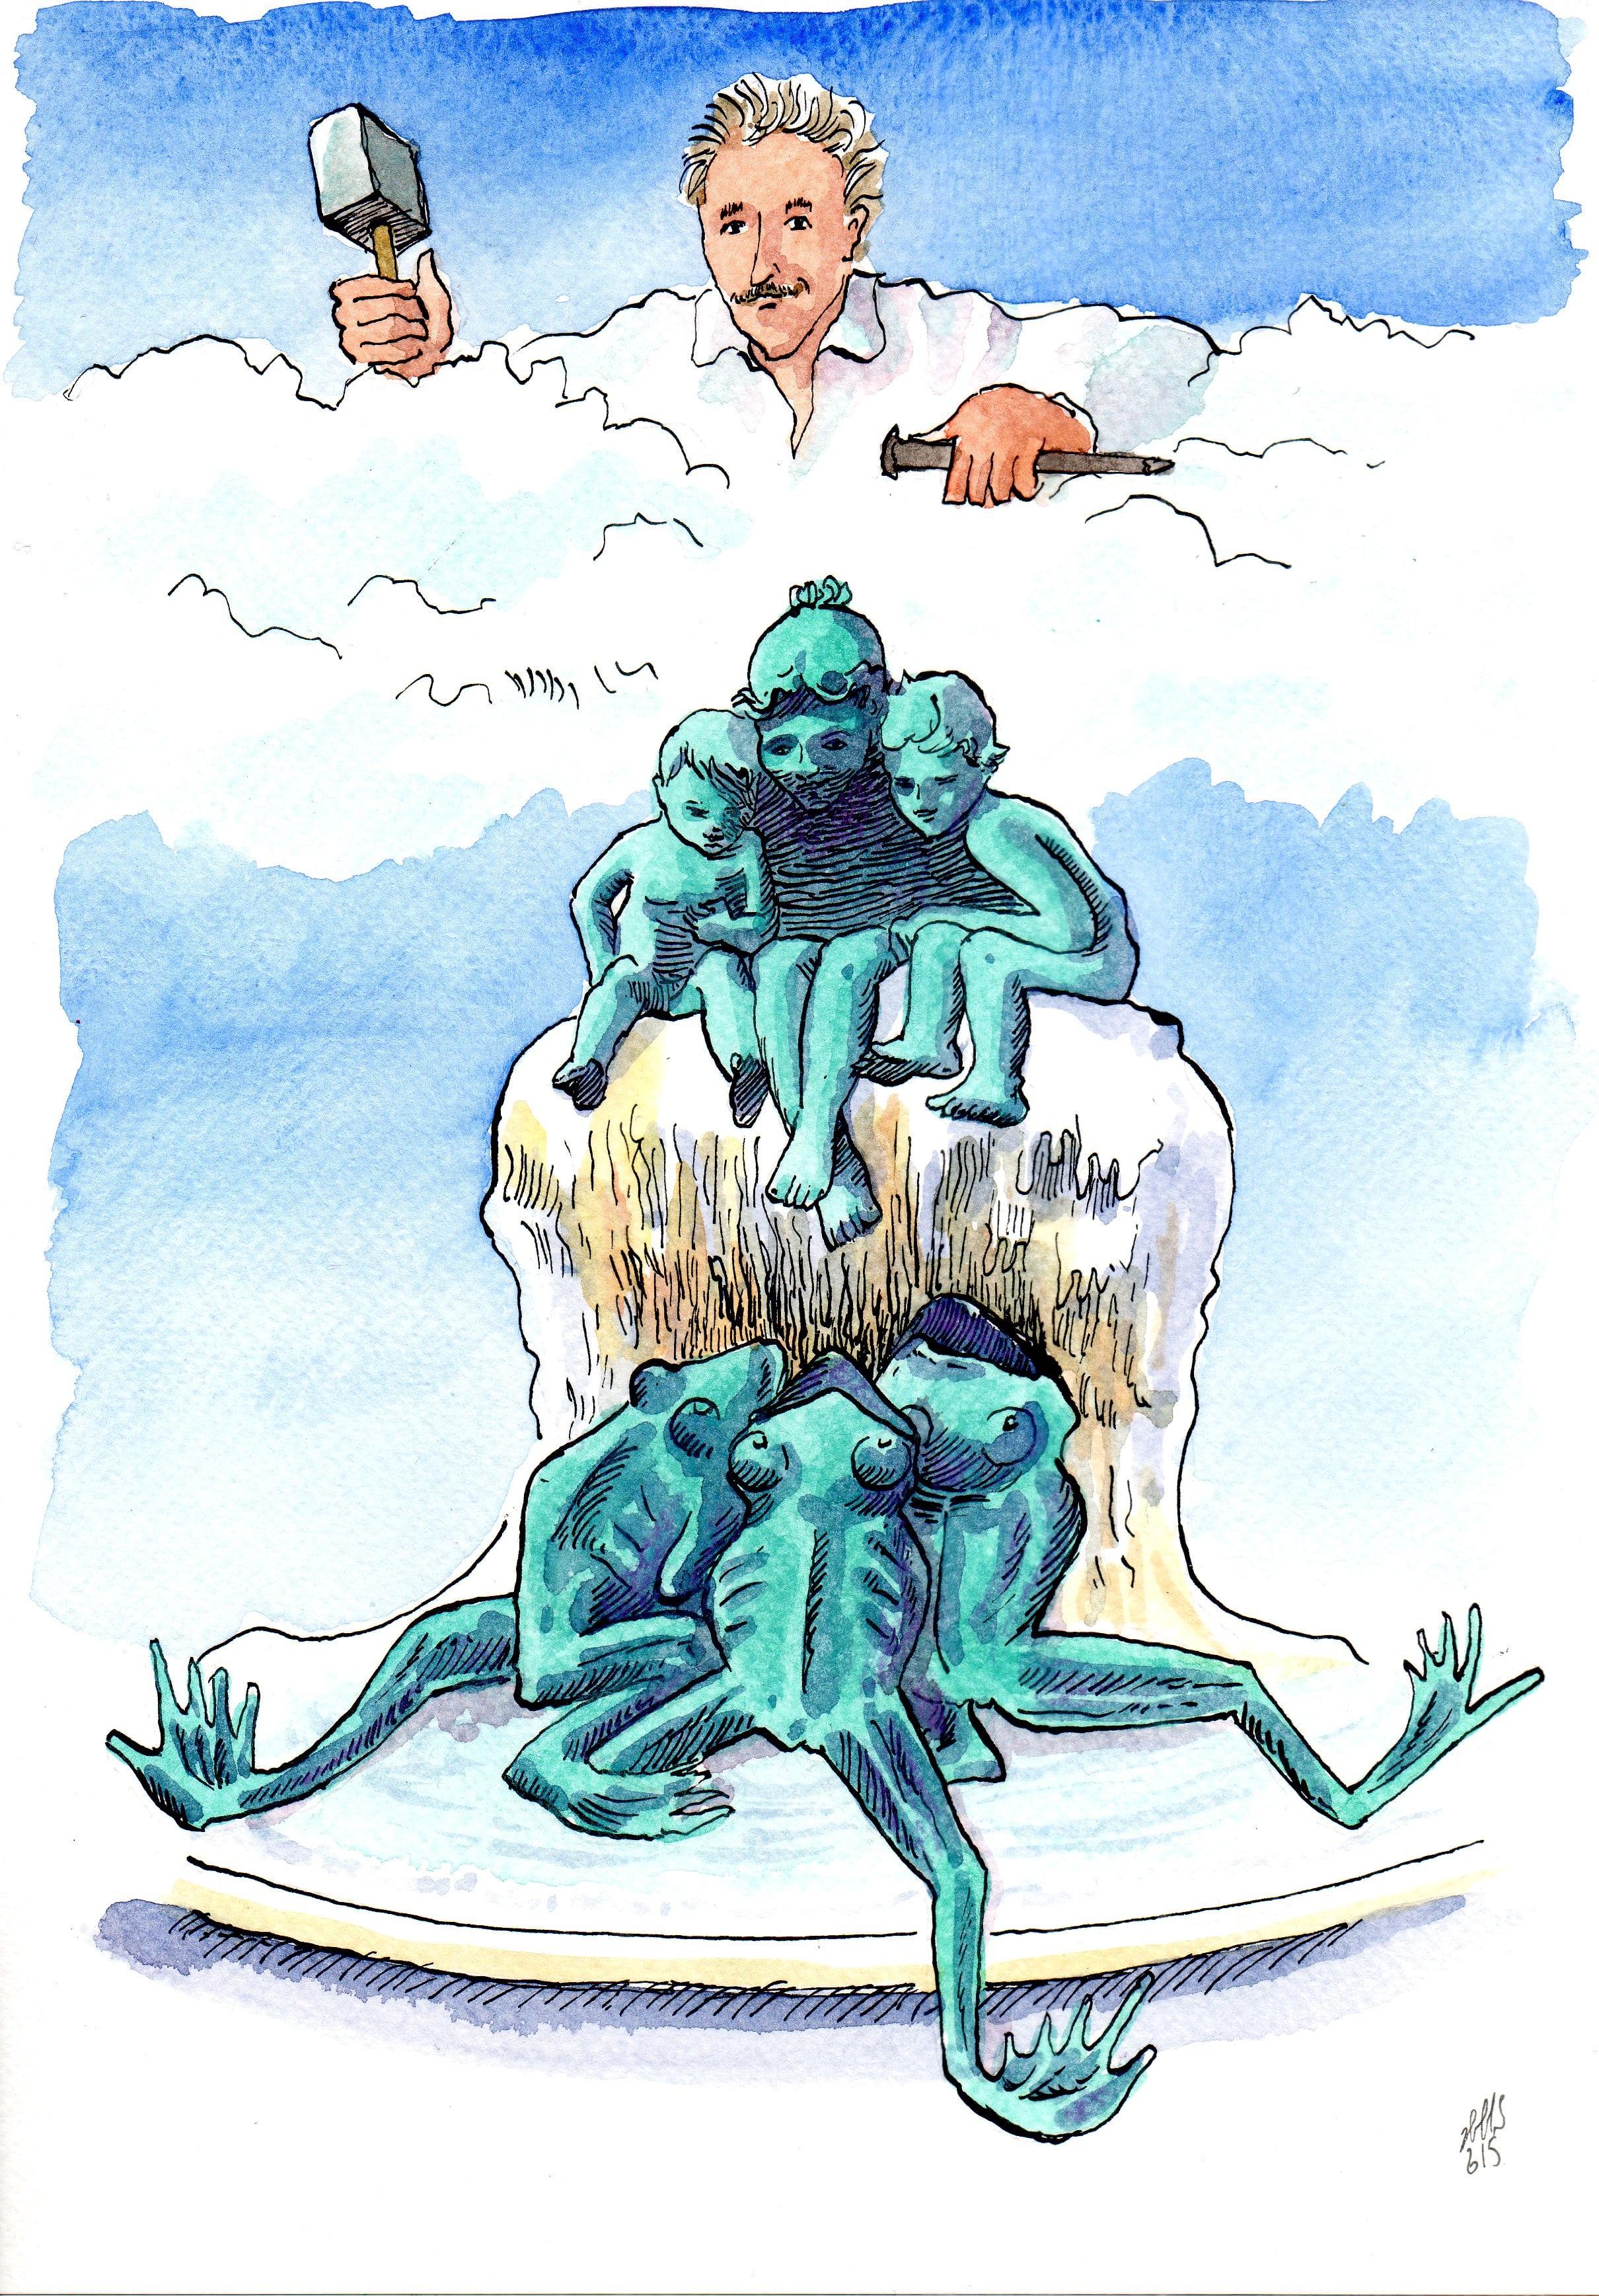 Les rimes inspirées de la Fontaine aux grenouilles